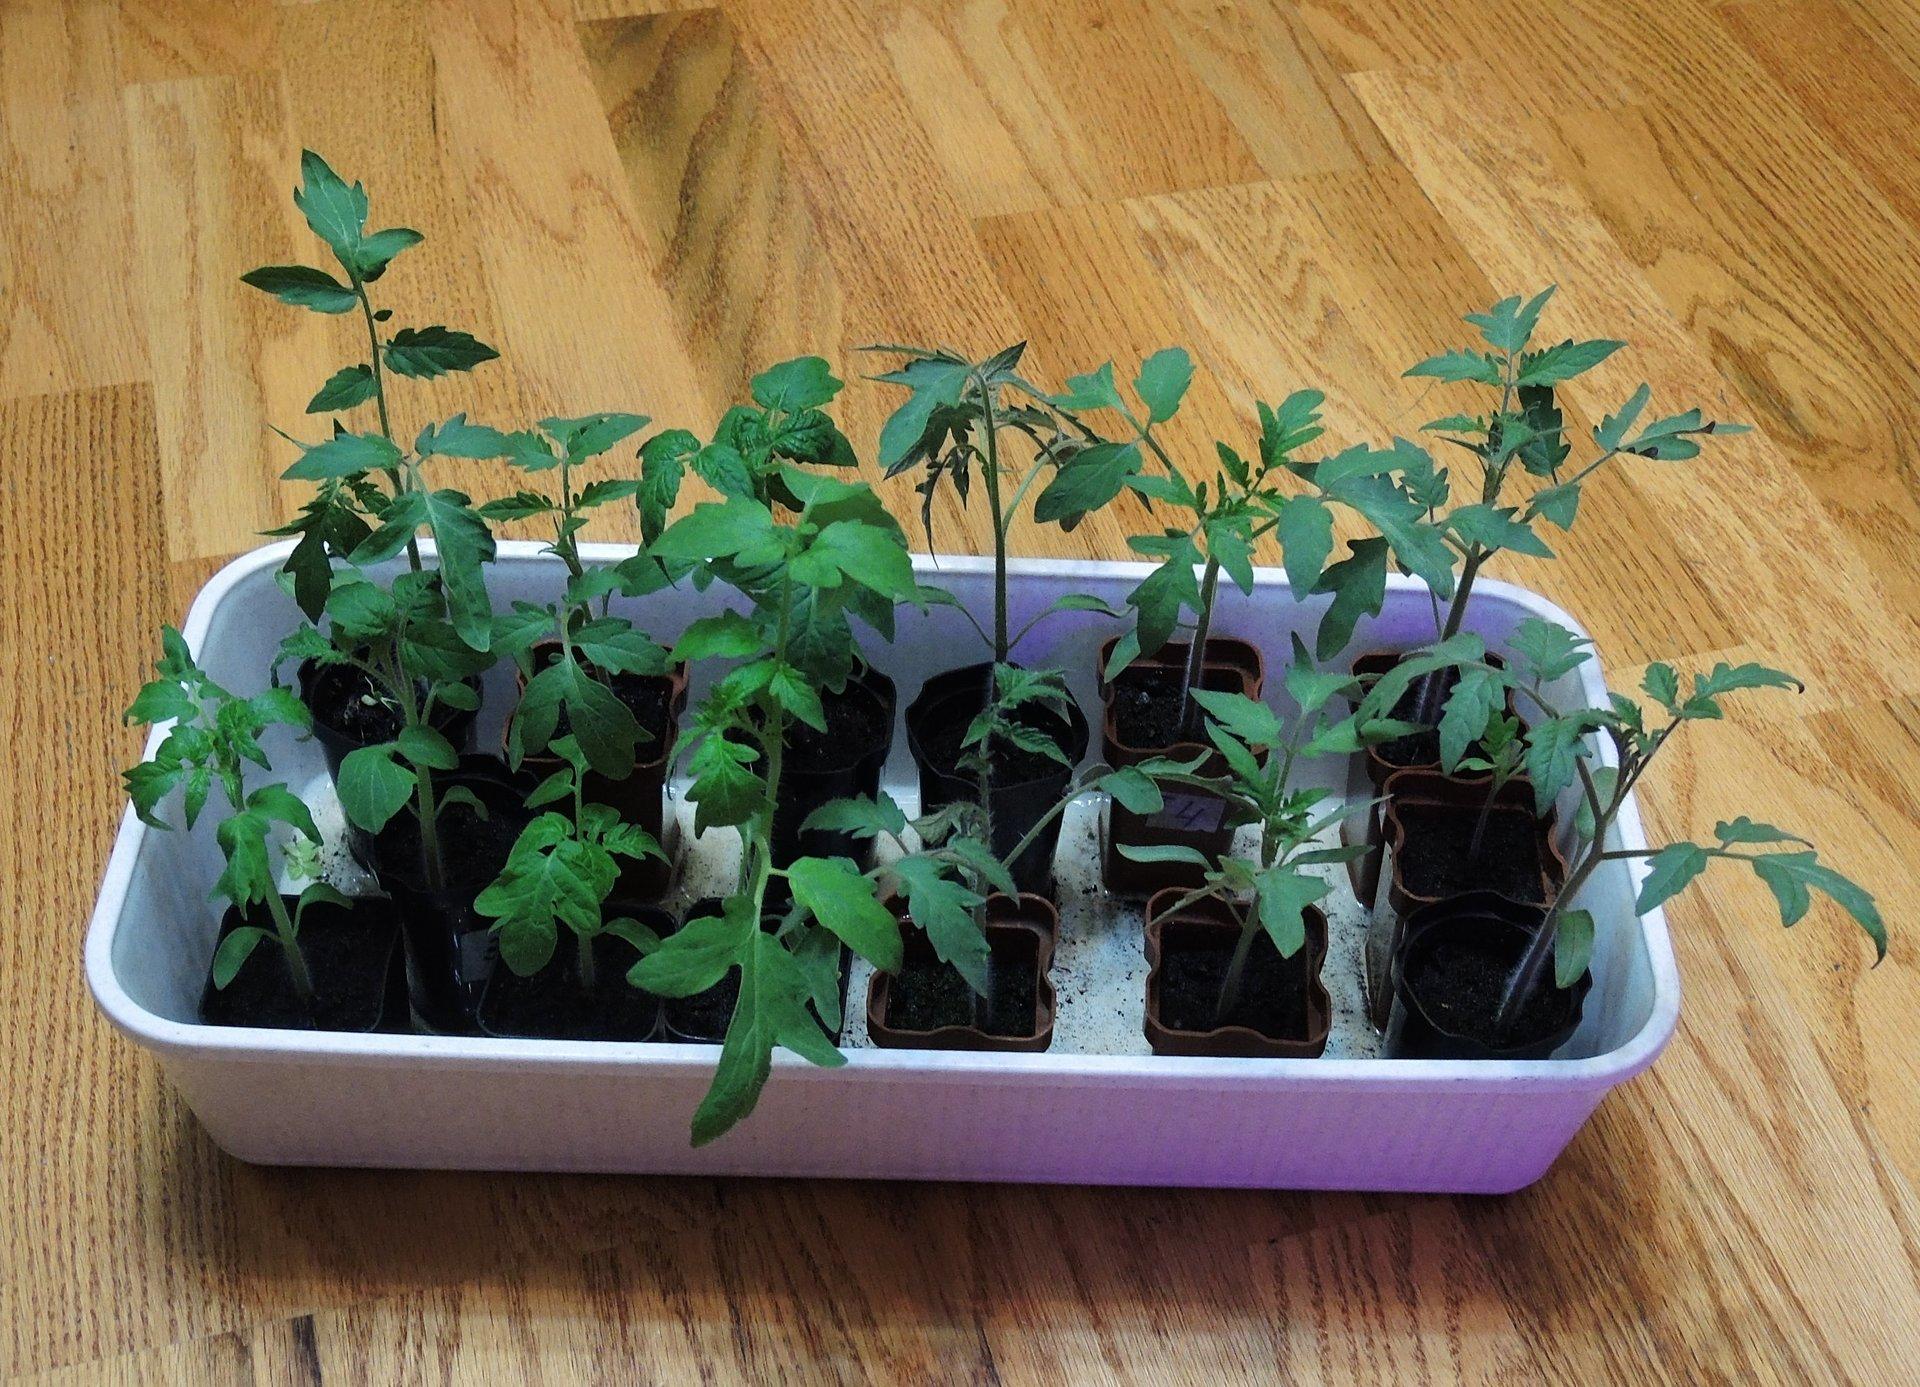 как вырастить рассаду помидор картинки кирпича для дома